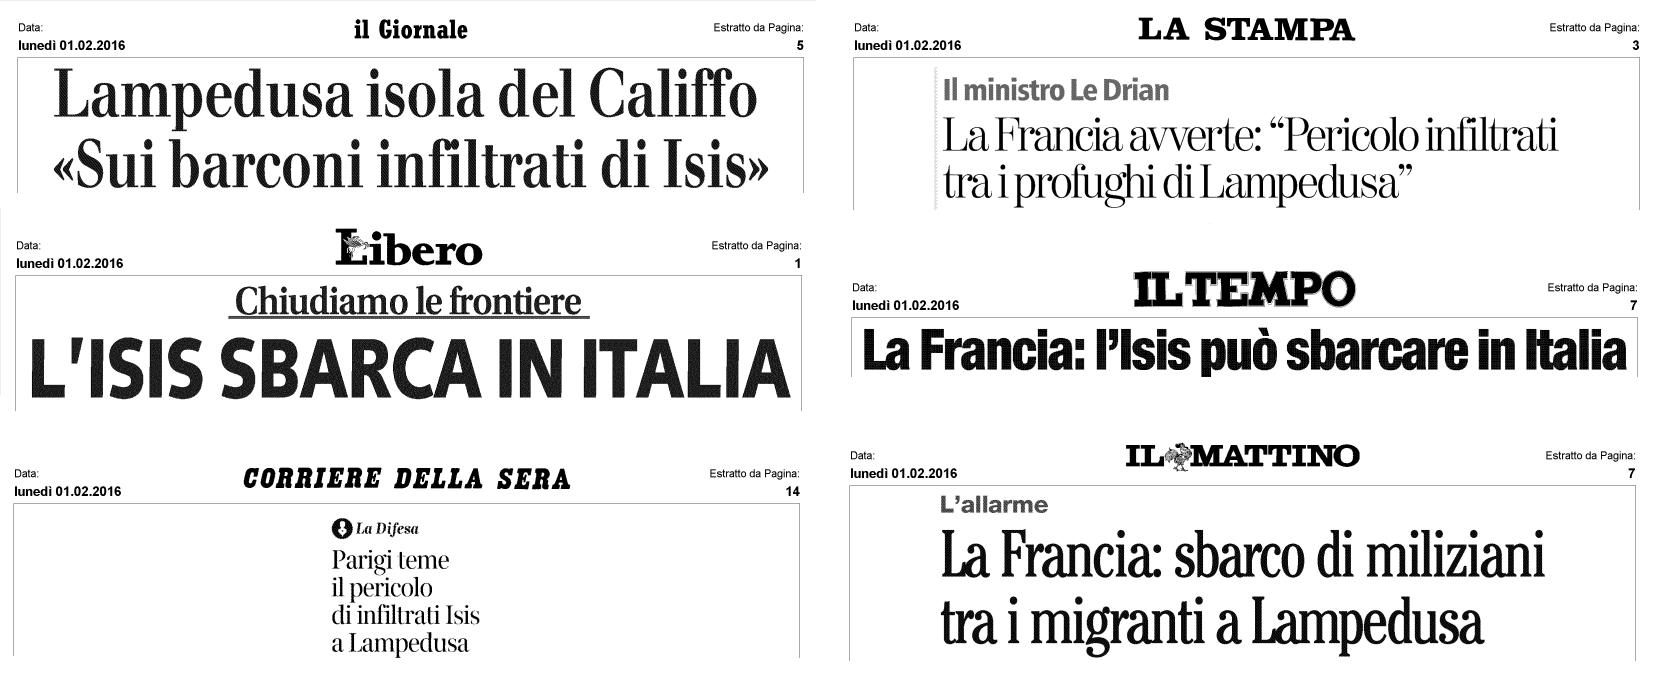 Coperture diverse. Ai titoli fuorvianti e allarmisti si alternano parole più moderate e aderenti alla realtà, come quelle del Corriere della Sera.